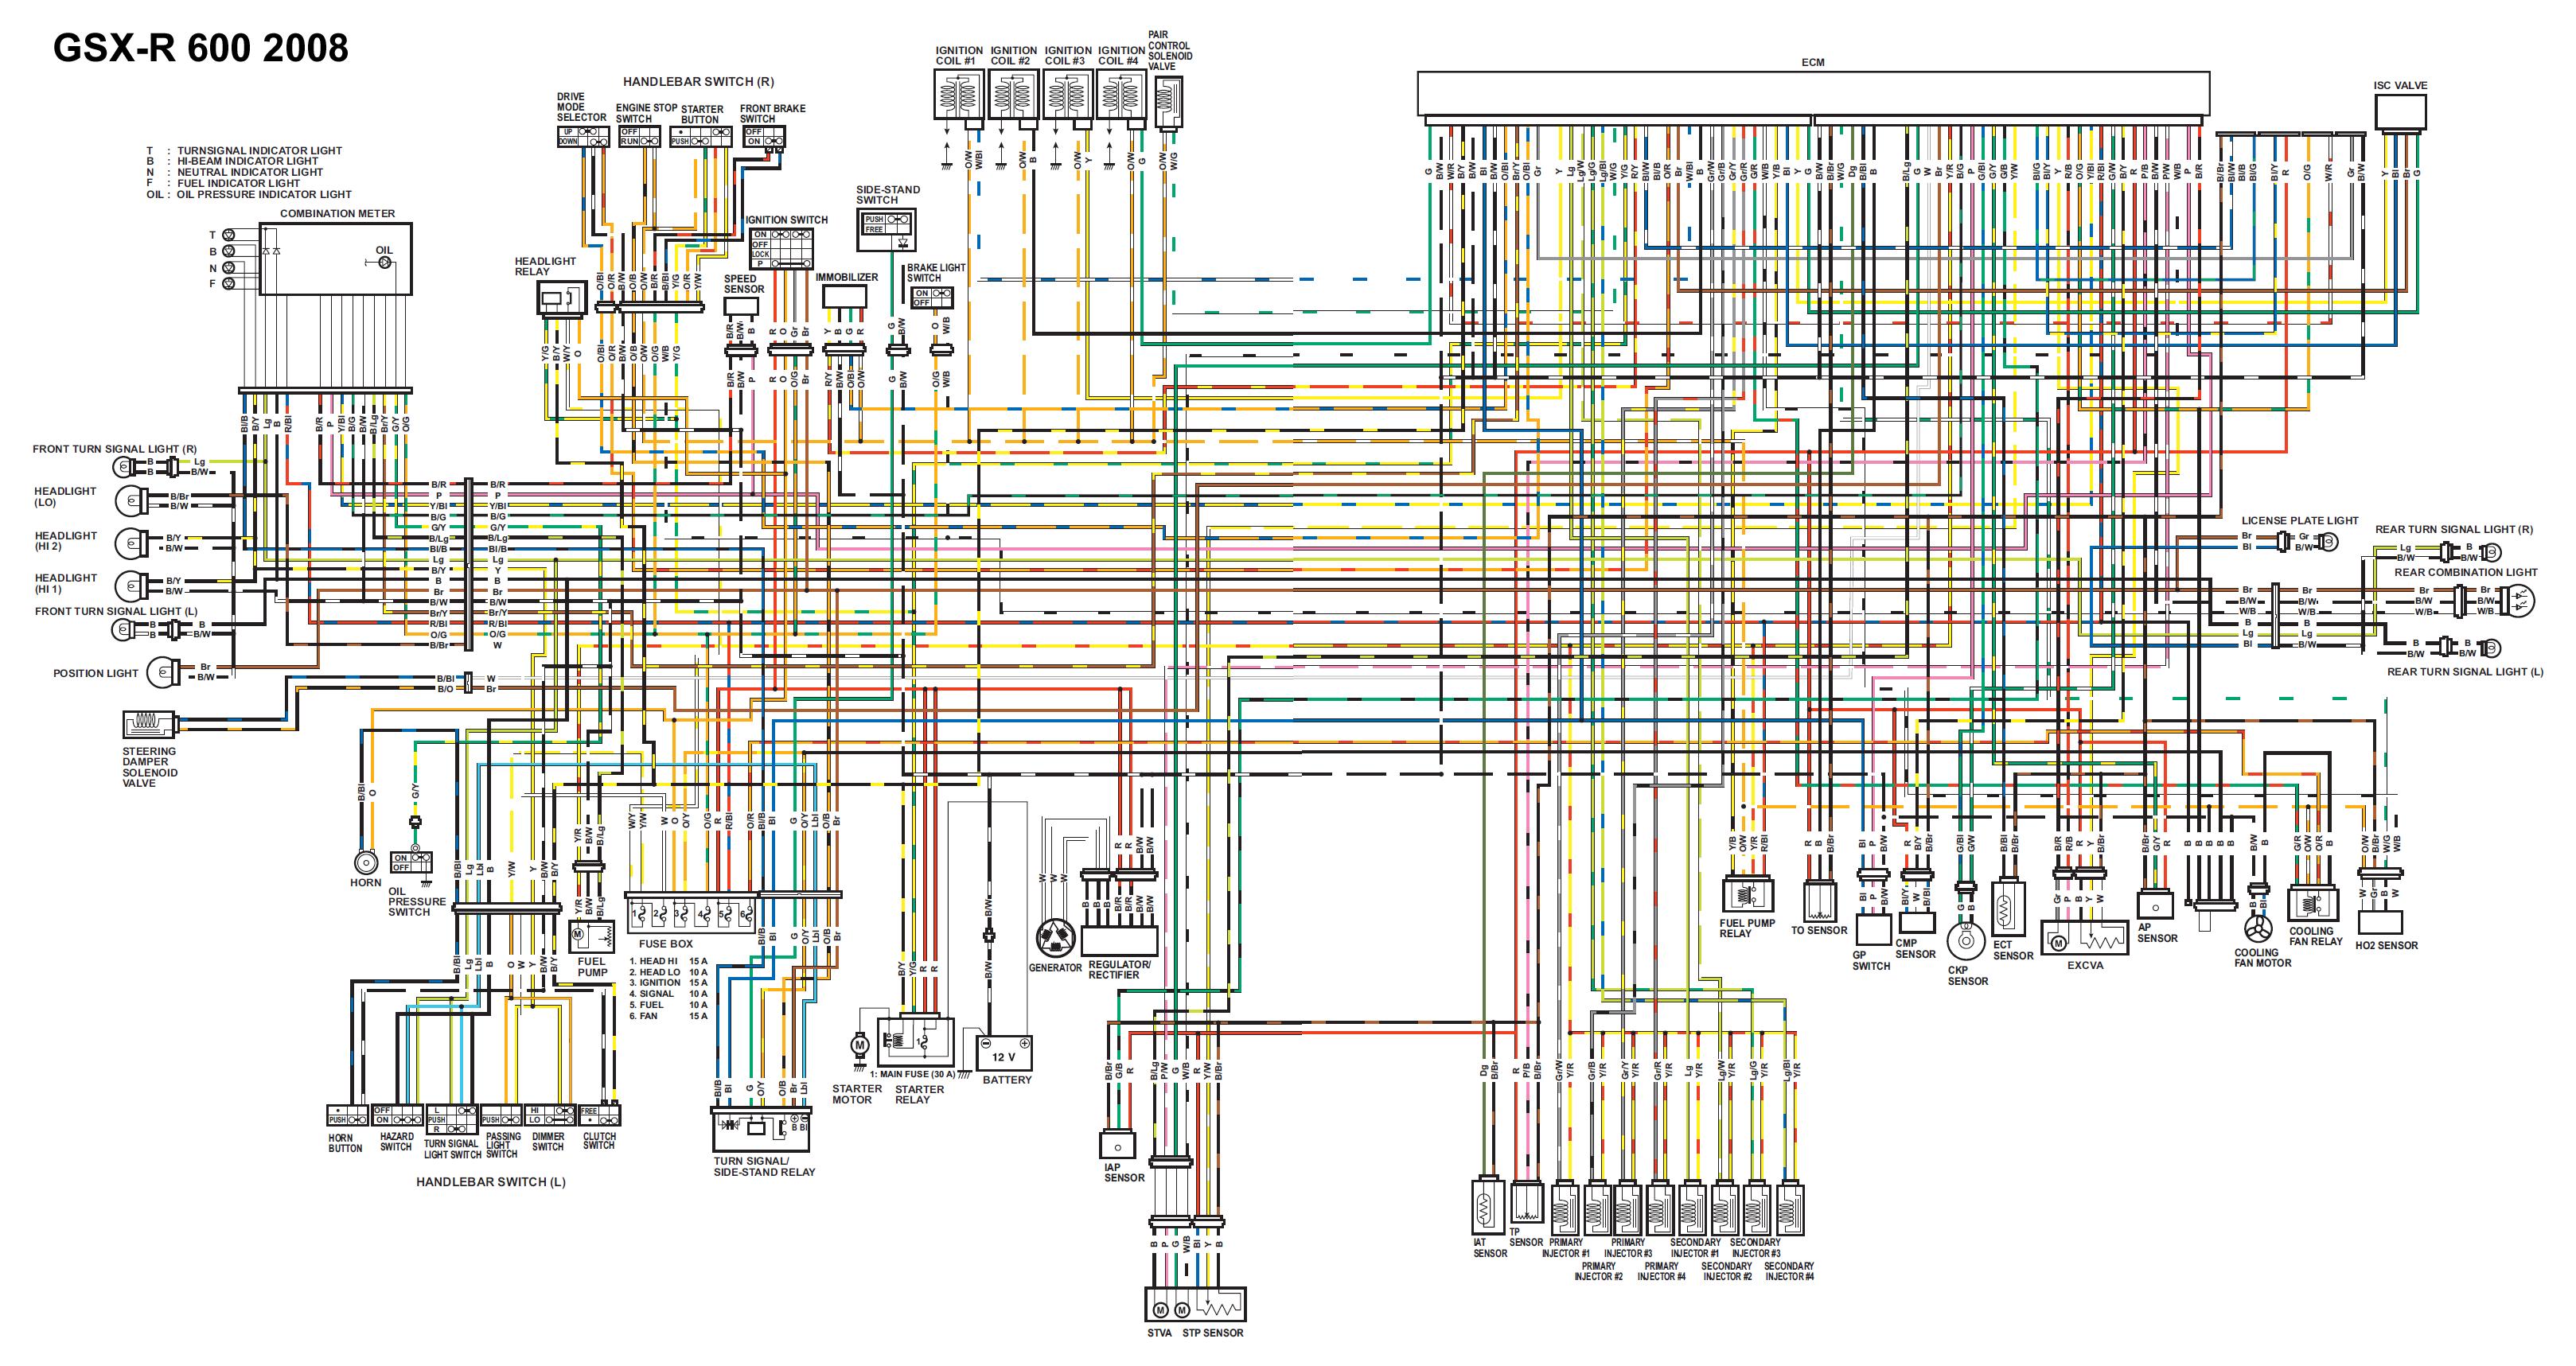 Wiring Diagrams Kawasaki 1000 Gsx R 600 2008